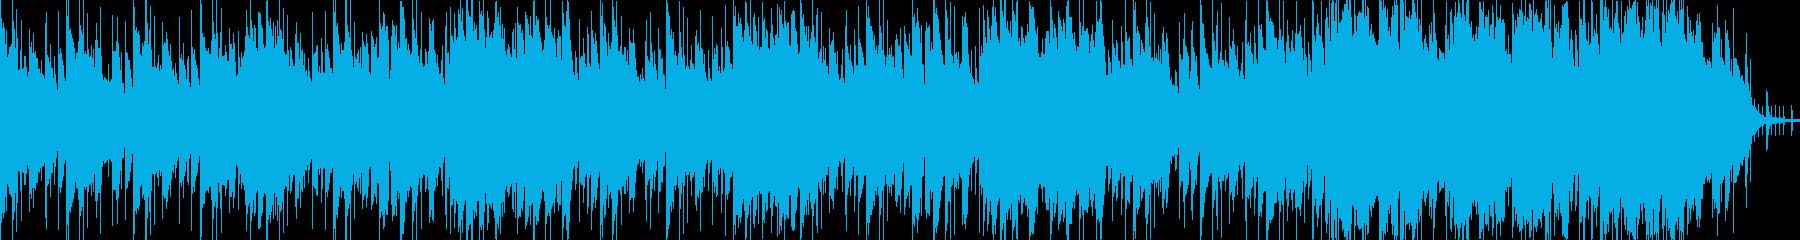 なごやかで短い_ トーク番組のテーマ曲にの再生済みの波形